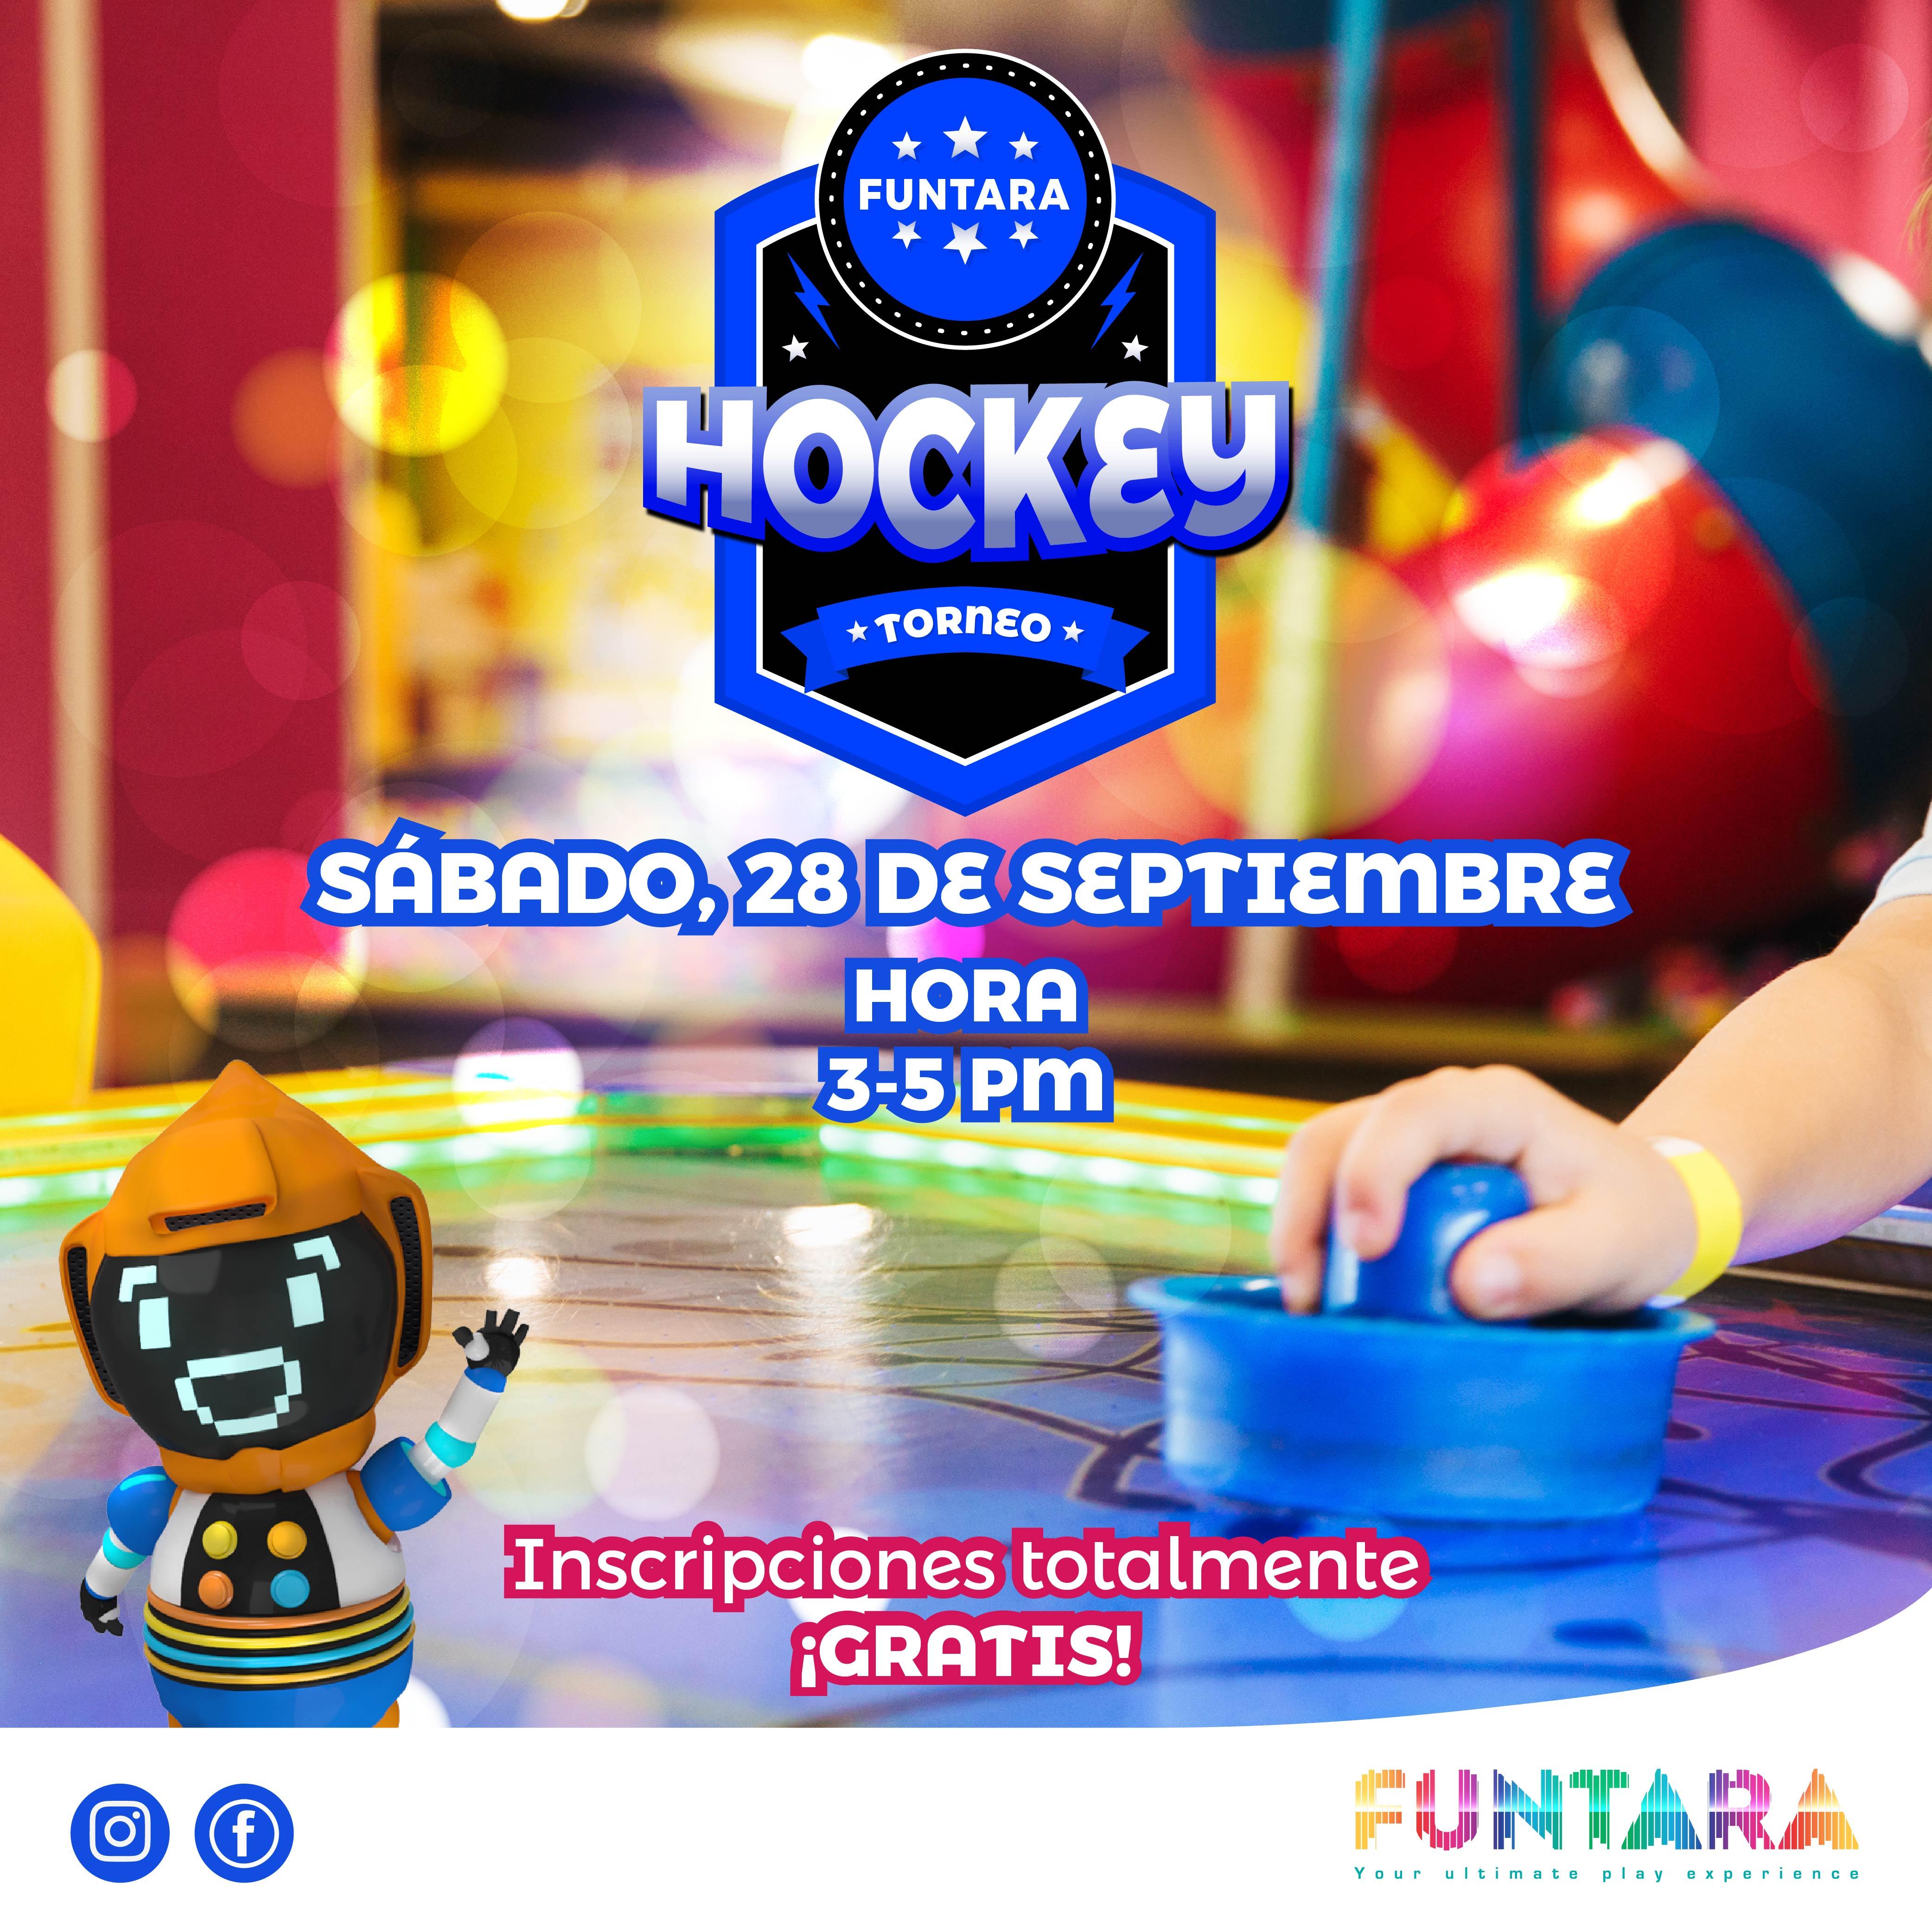 ¡Torneo de Hockey en Funtara!